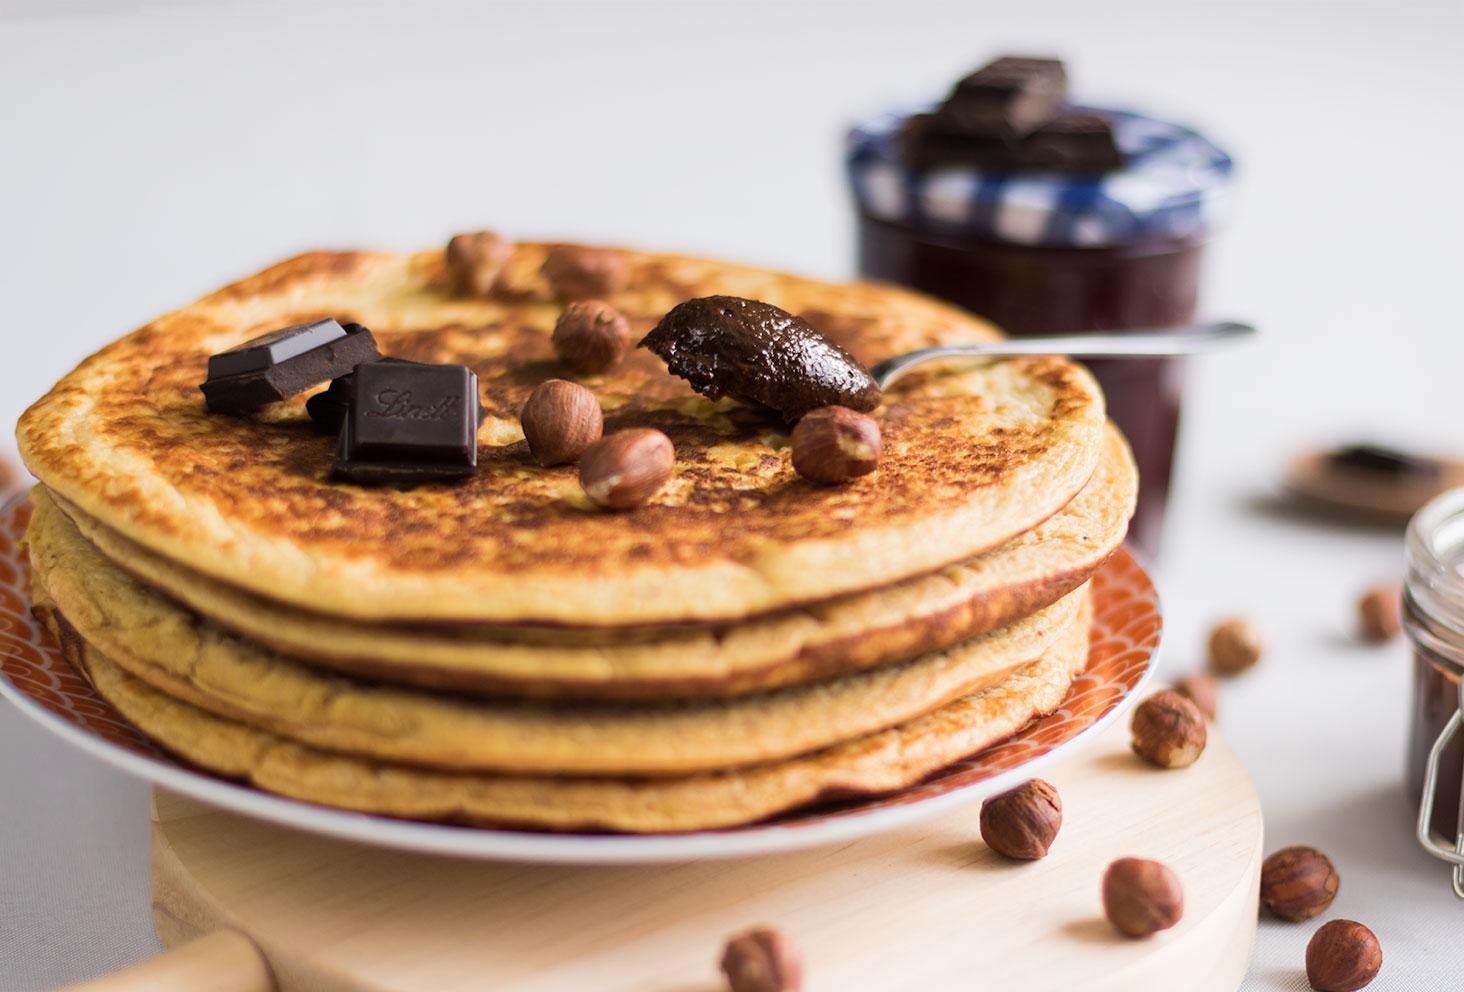 Crêpe épaisses maison ressemblant à des pancakes, recouvertes de noisettes entières et carreaux de chocolat